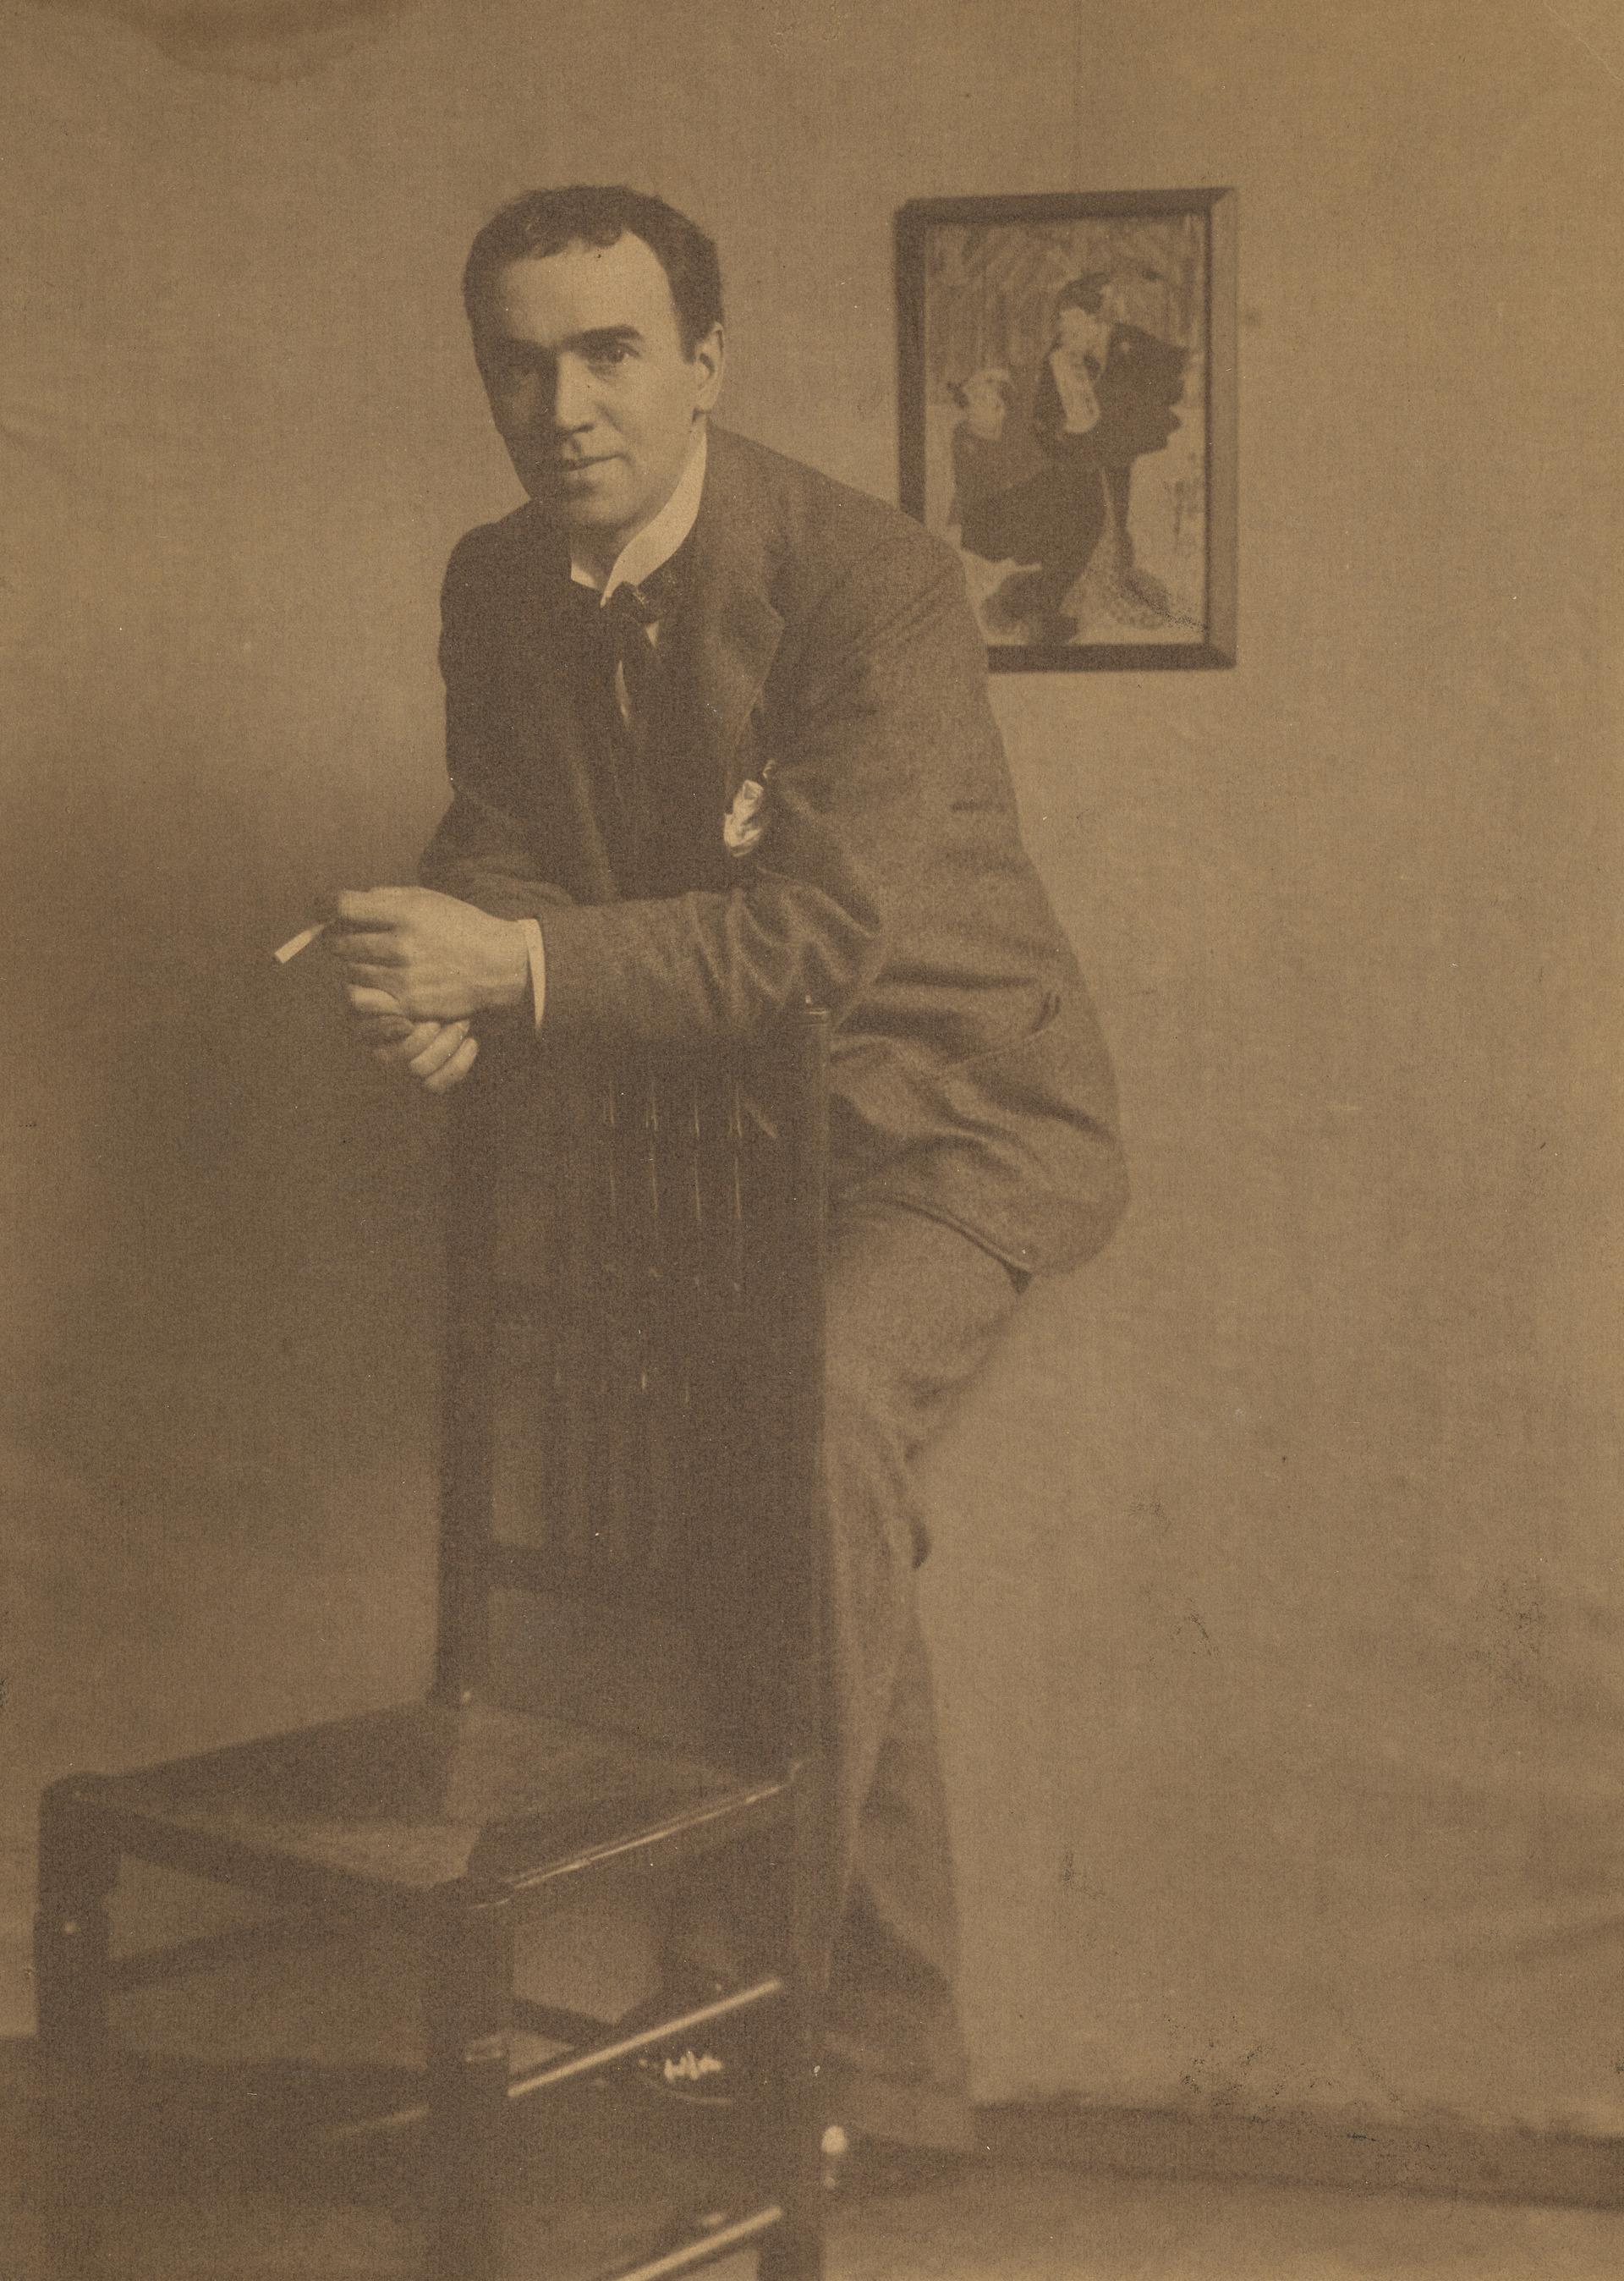 1900-е. Эдвард Артур Уолтон — шотландский художник-постимпрессионист и реалист, один из известнейших представителей художественной группы Глазго Бойс.